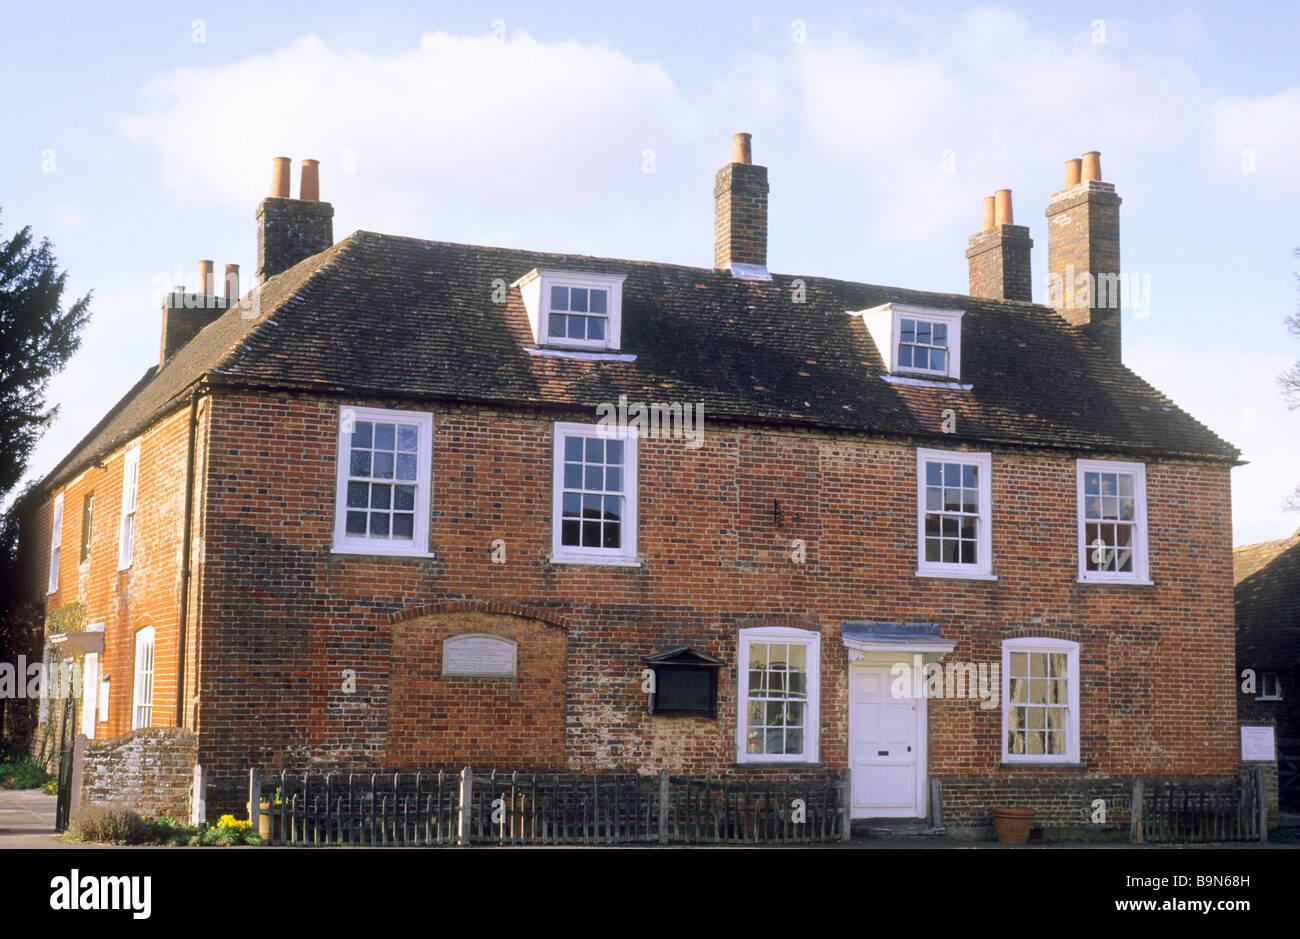 chawton hampshire jane austen austen haus englische. Black Bedroom Furniture Sets. Home Design Ideas